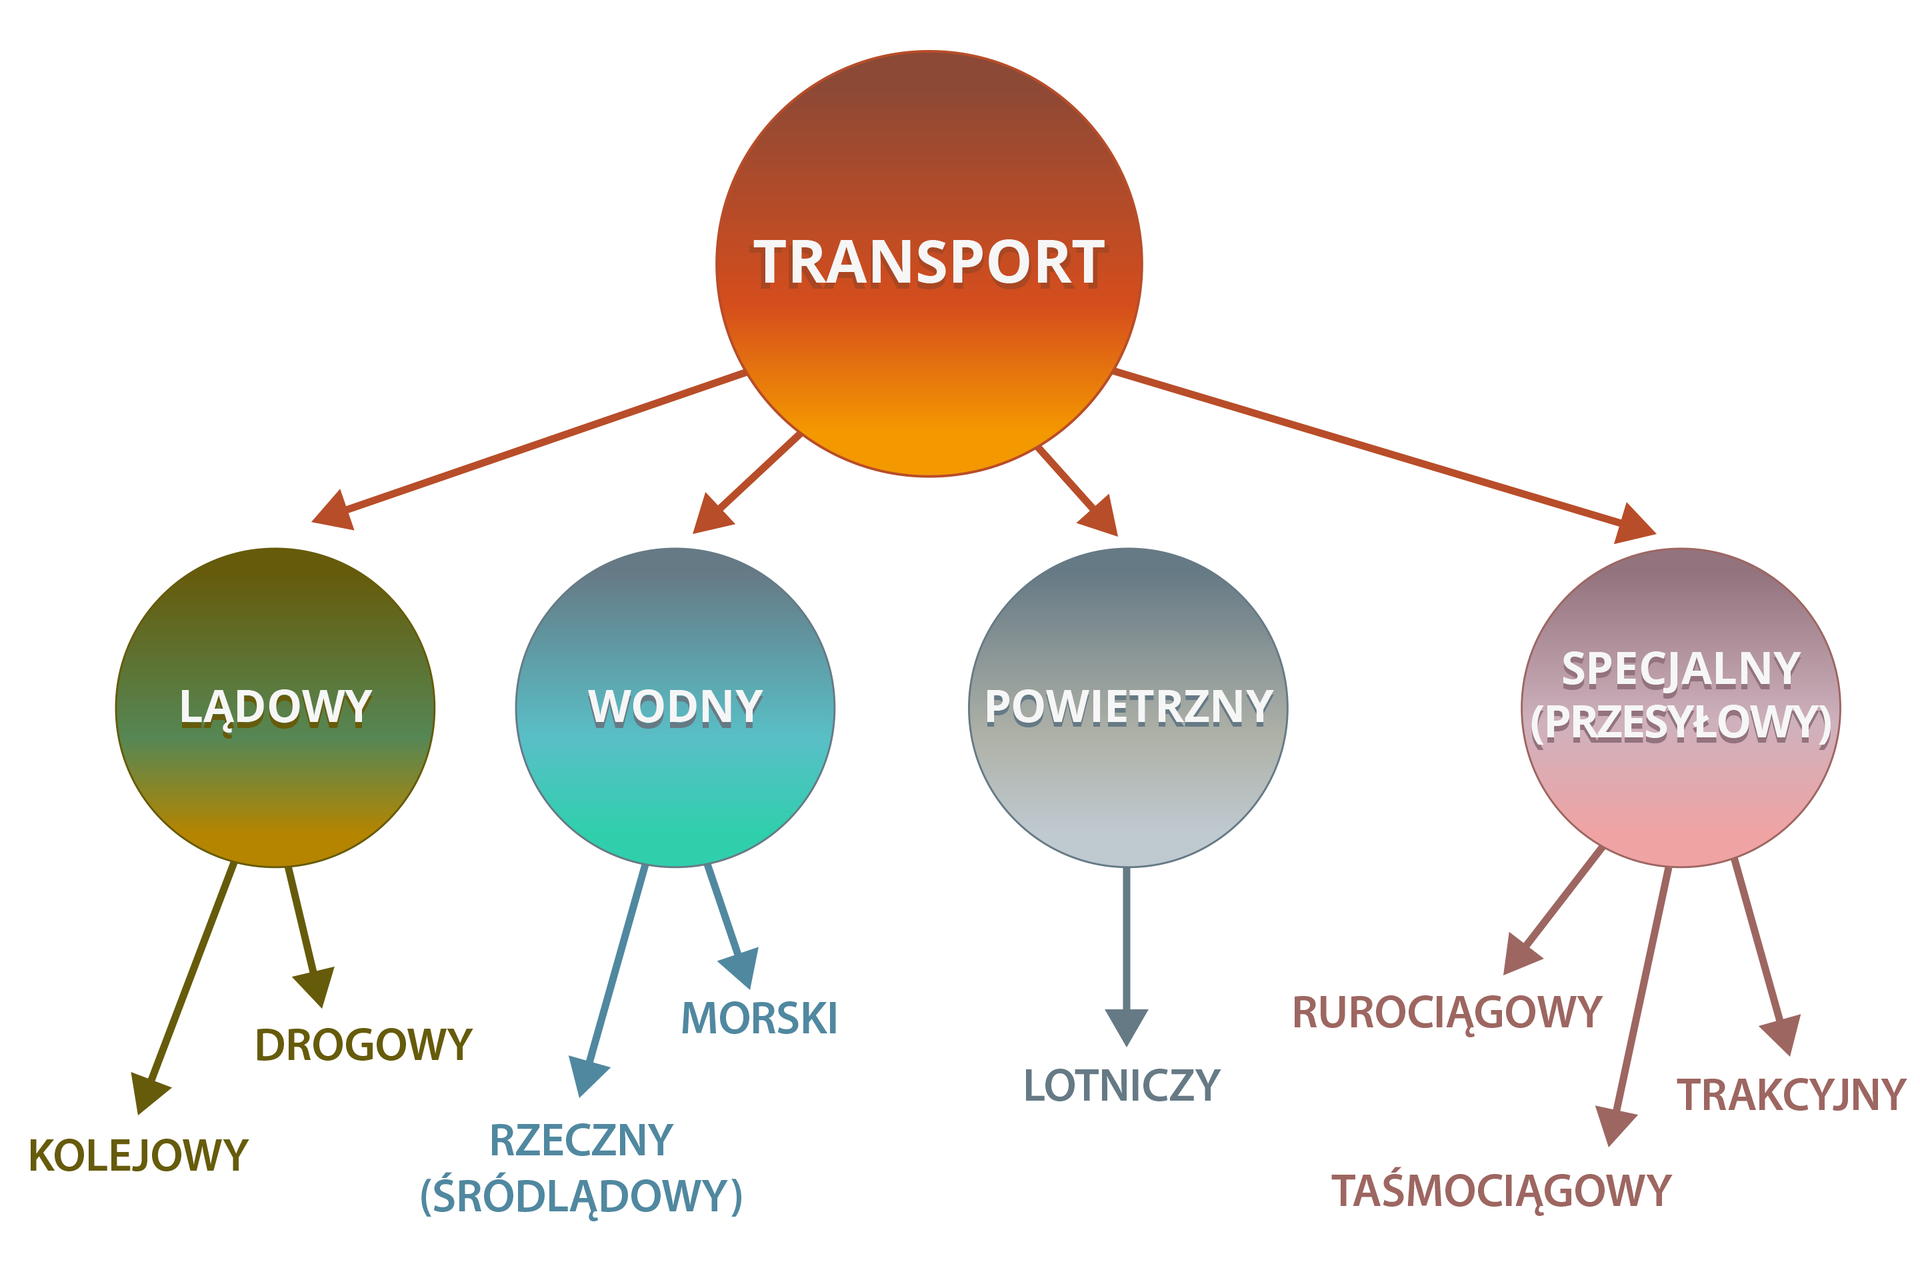 Na ilustracji schemat podziału transportu na lądowy (drogowy ikolejowy), wodny (rzeczny imorski), powietrzny (lotniczy), specjalny/przesyłowy (rurociągowy, taśmociągowy, trakcyjny).